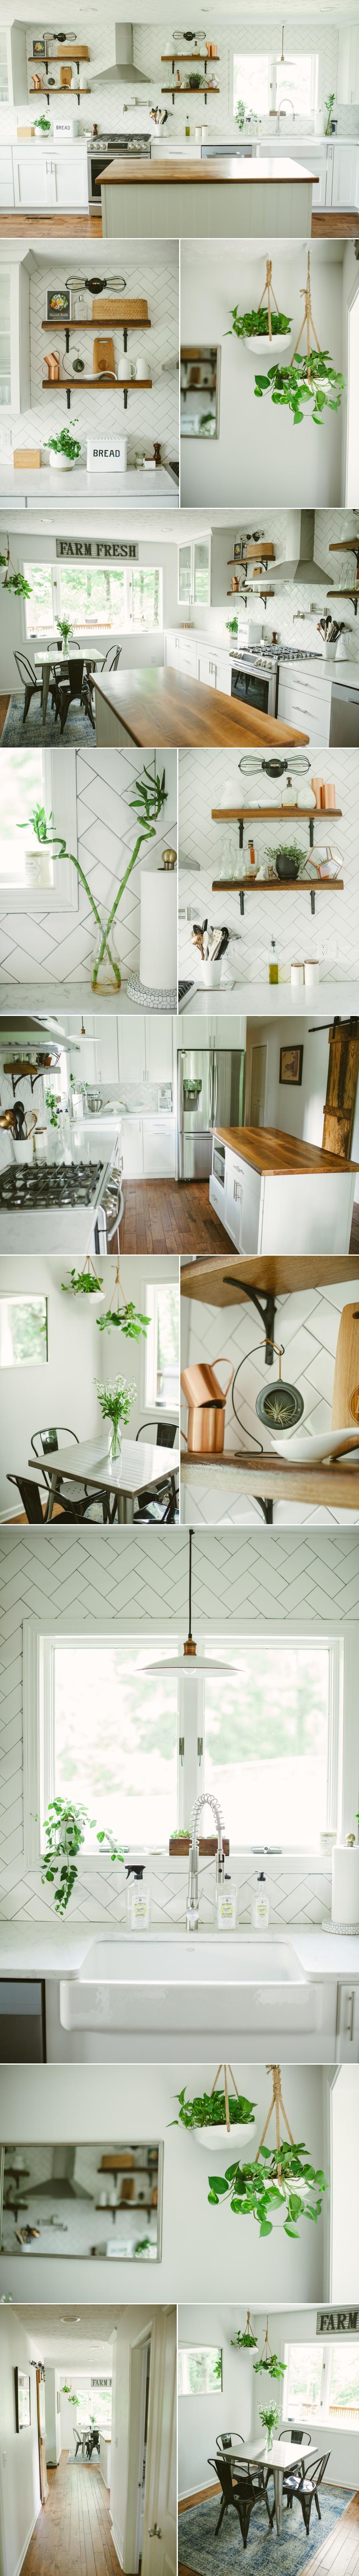 KitchenReno 3.jpg